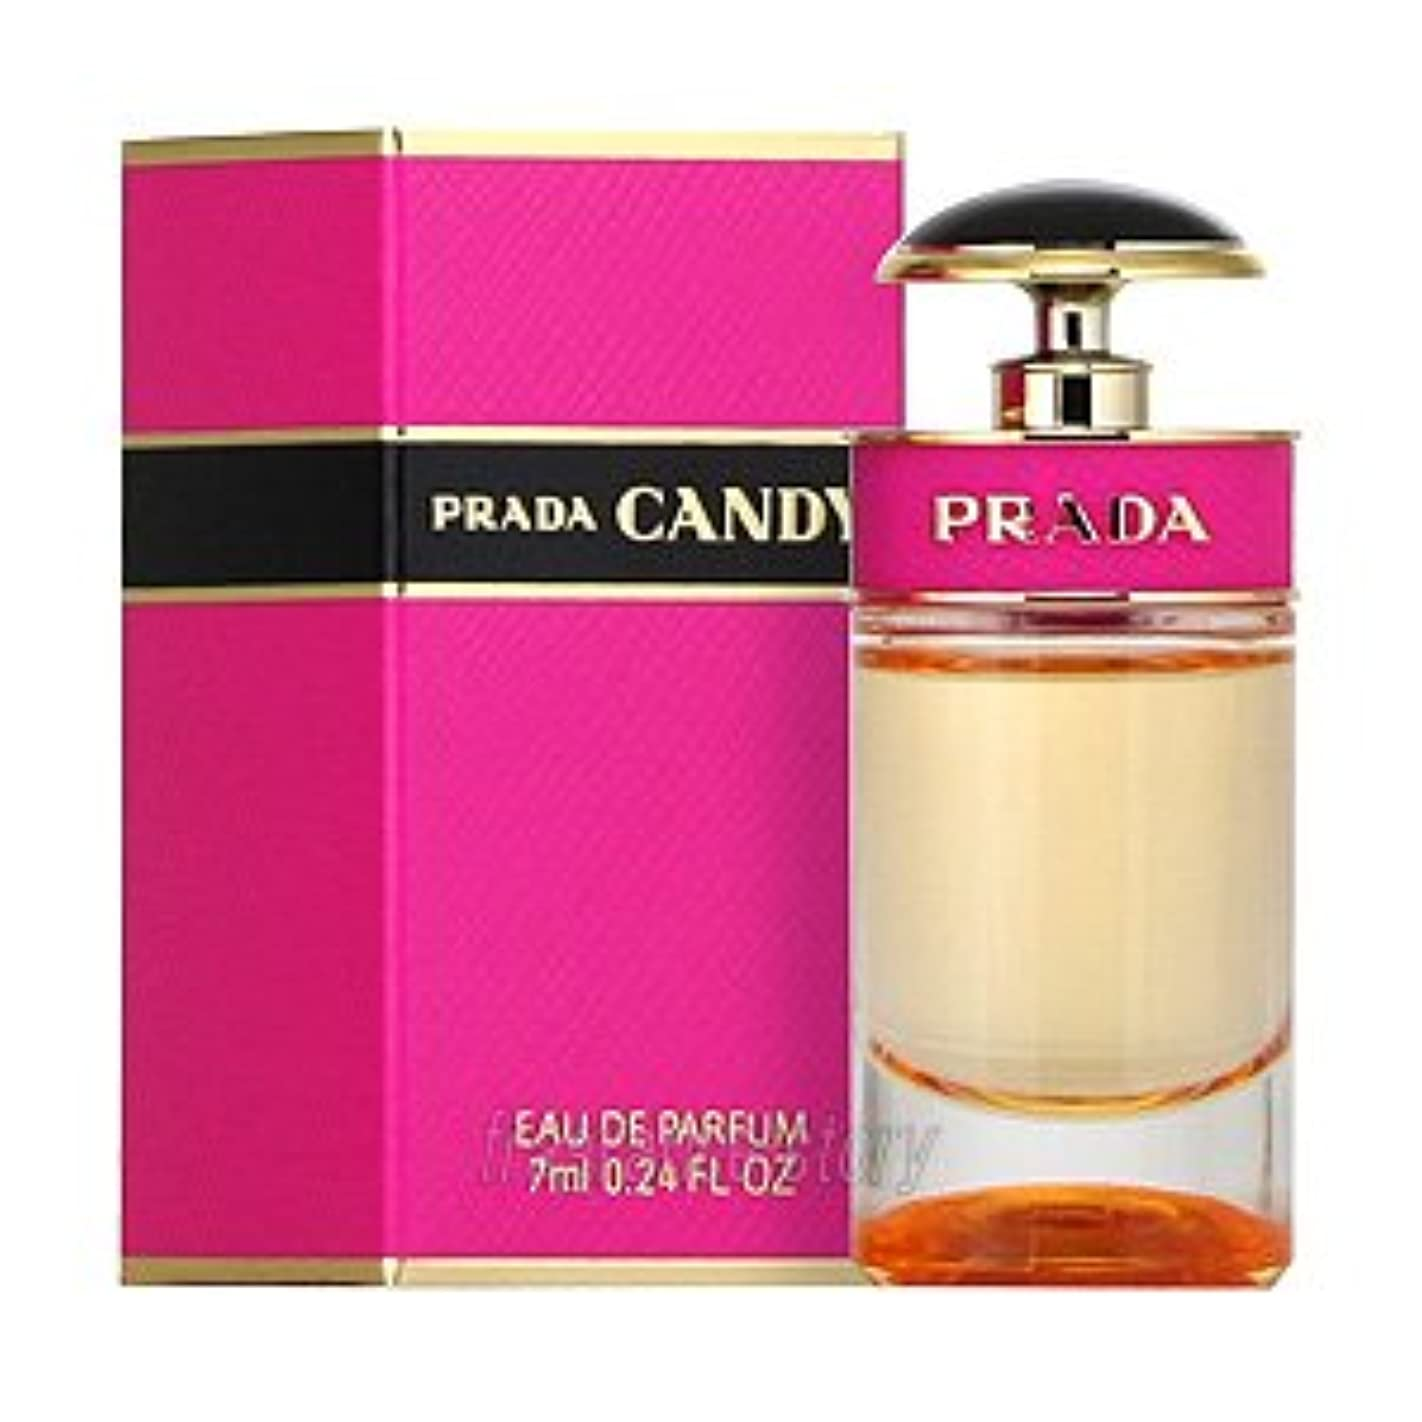 衝動アクチュエータ慢プラダ PRADA キャンディ オードパルファム 7ml EDP ミニ香水 ミニチュア fs